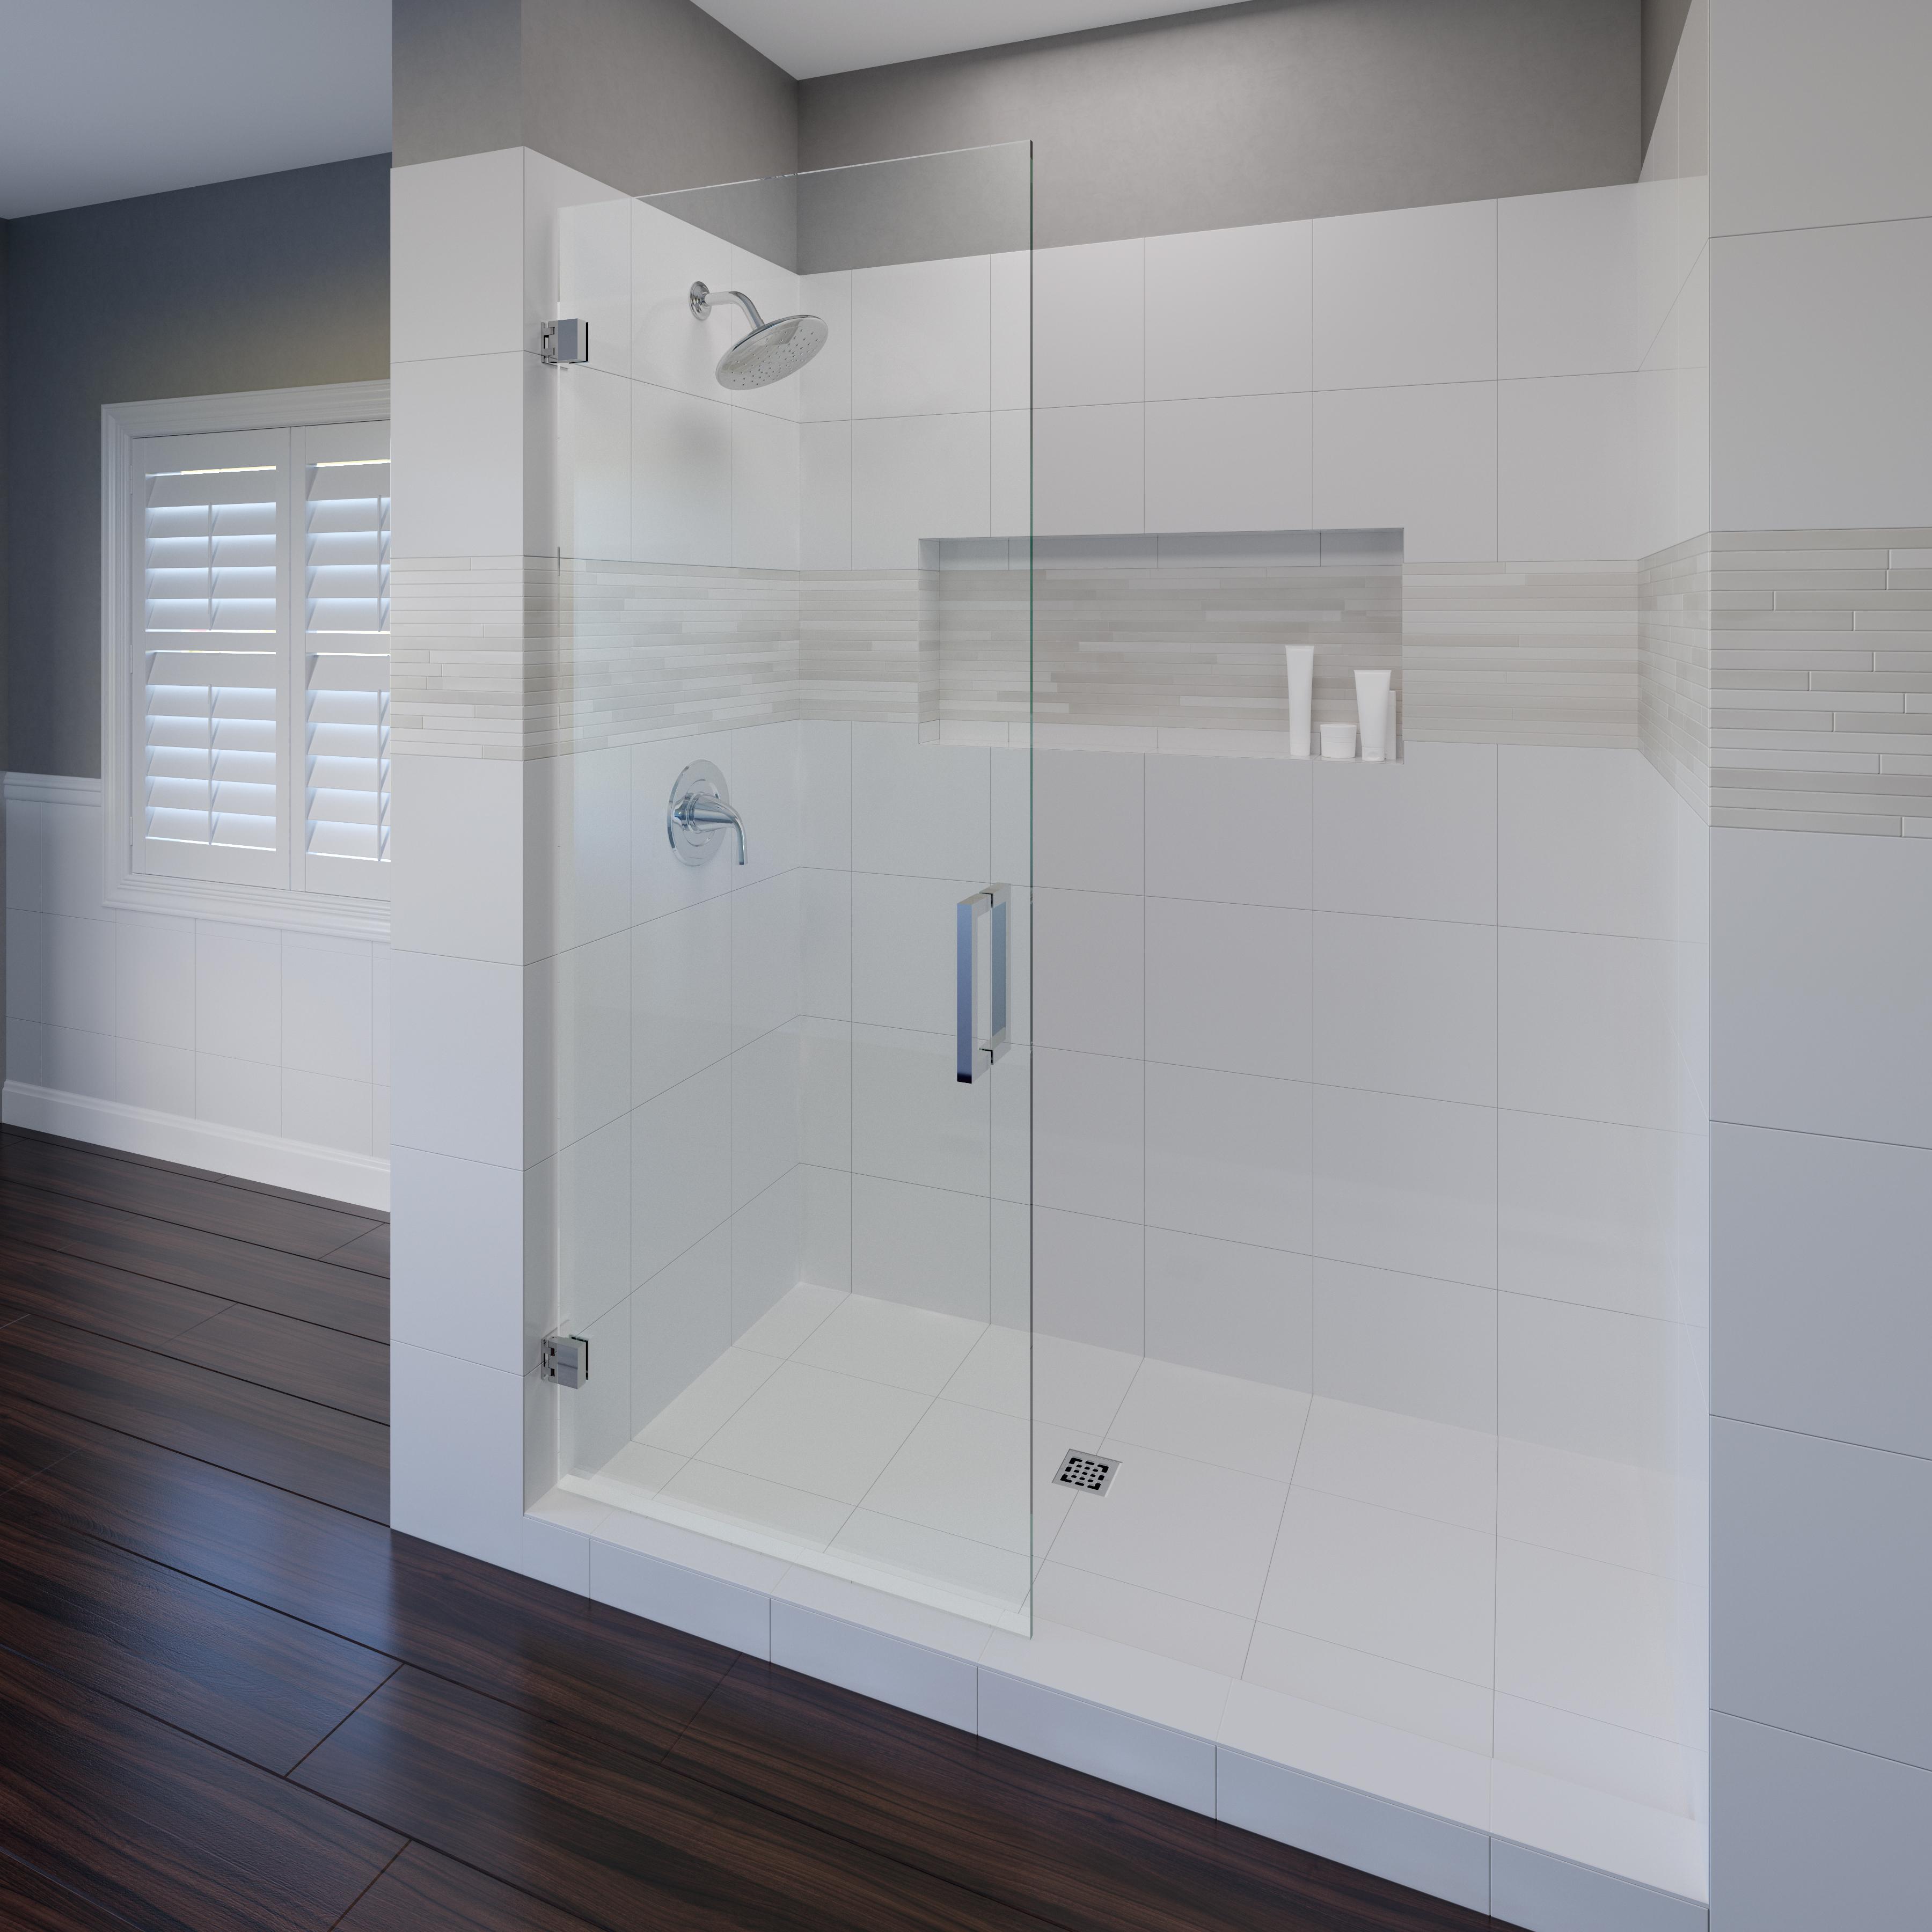 Geolux Frameless 3 8 Inch Glass Swing Shower Basco